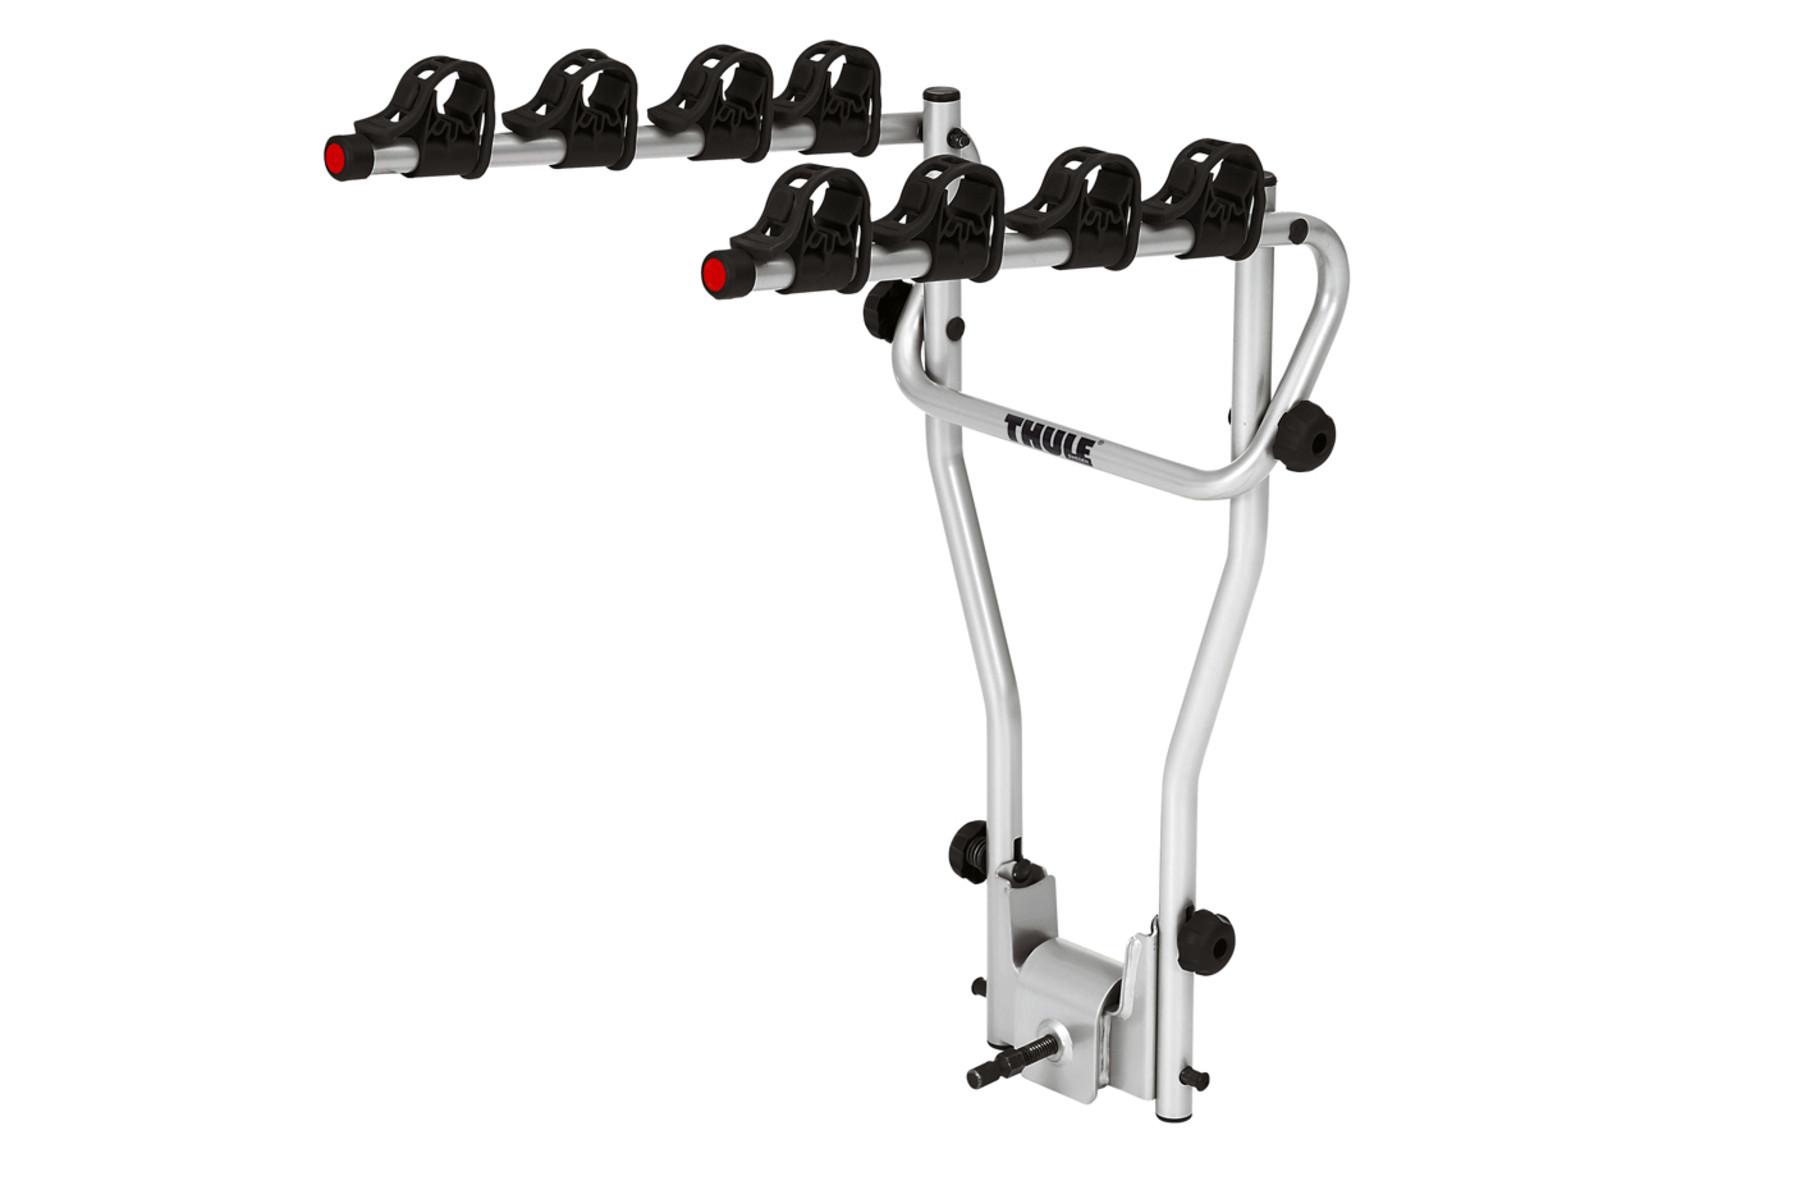 Suporte Engate Thule HangOn 9708 - 4 Bicicletas